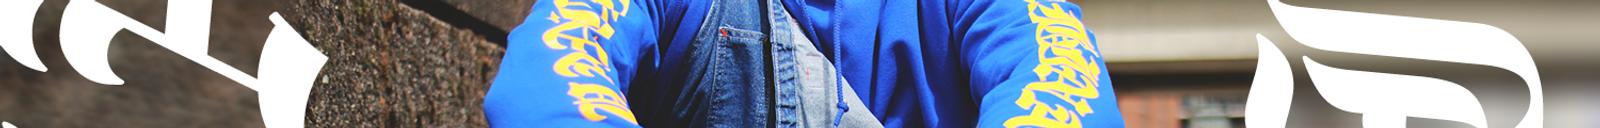 OG Sleeve Hoodies